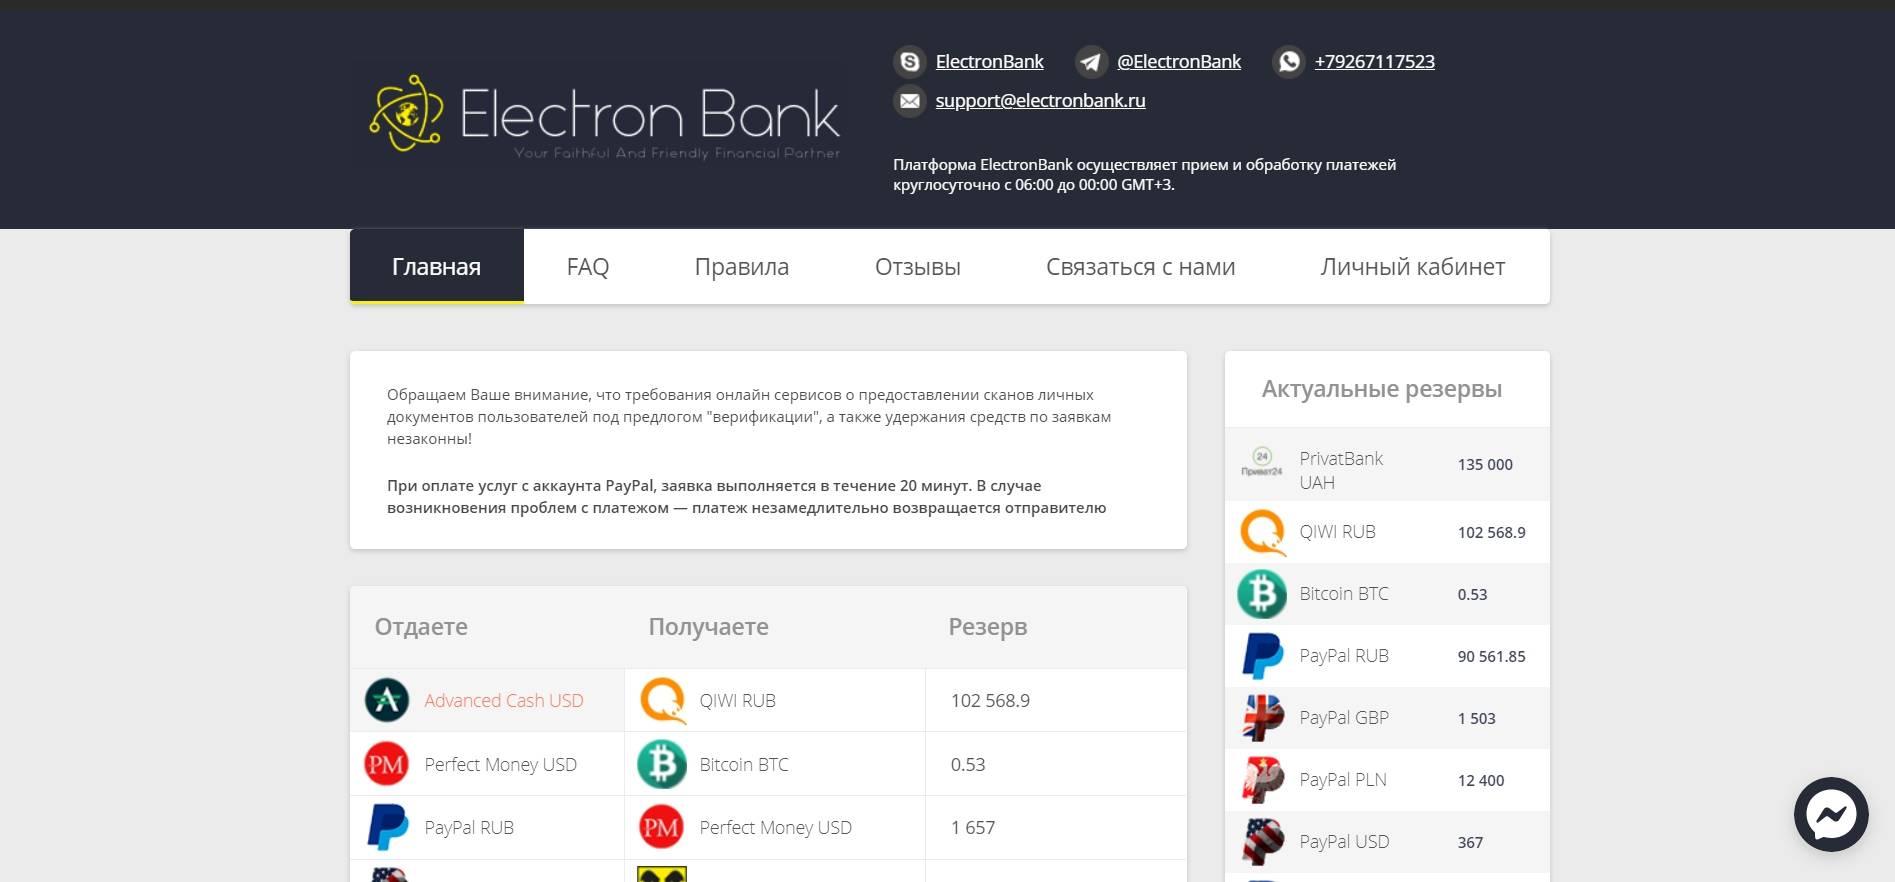 ElectronBank